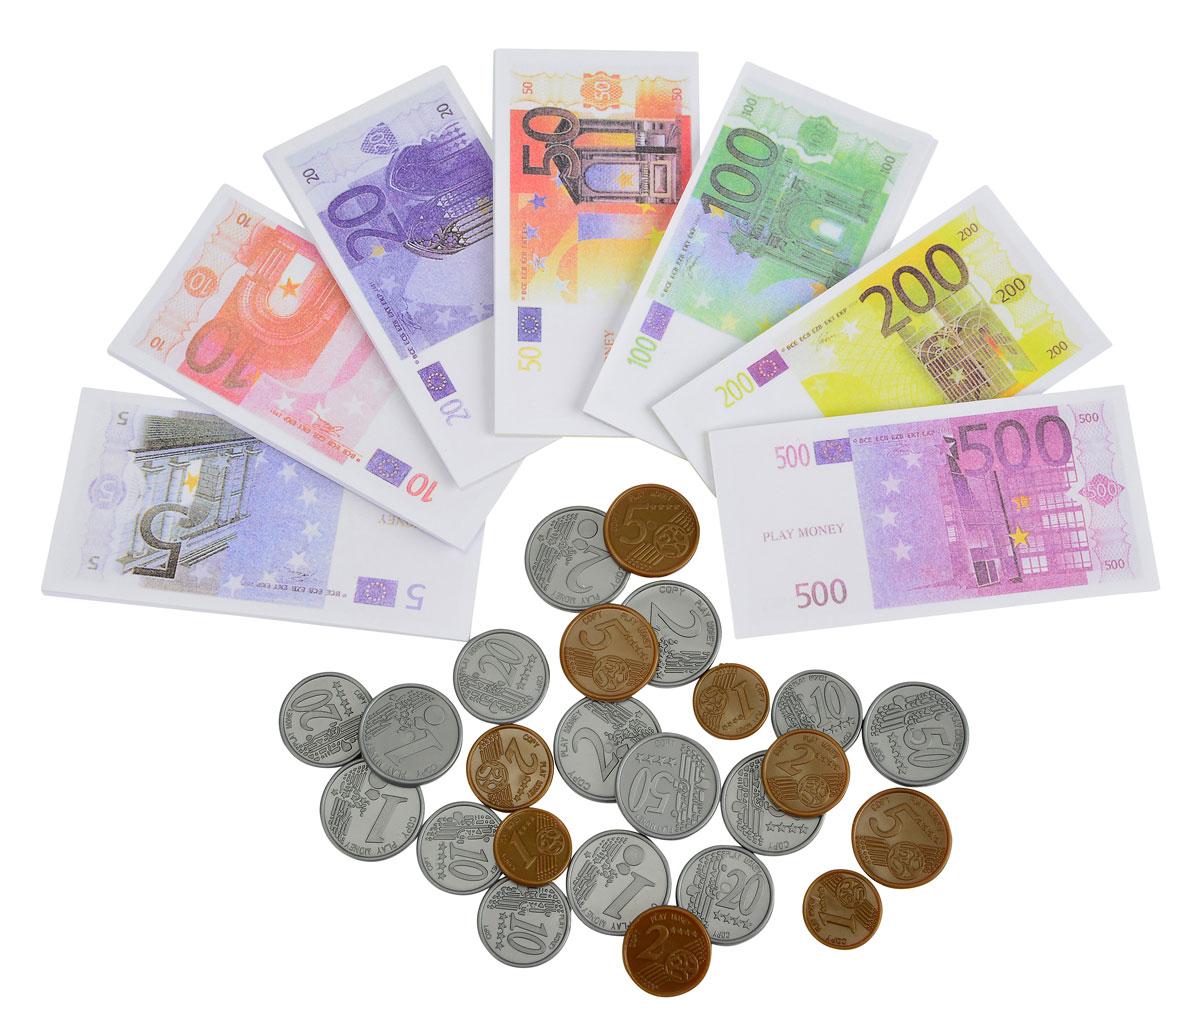 Simba Игровой набор Деньги4528647Игрушечные деньги - неотъемлемая часть детских ролевых игр. Игровой набор Simba Деньги включает в себя 40 монет и 98 купюр евро. Монеты золотистого и серебристого цветов, отличаются номиналом. Купюры также представлены в разных номиналах, от 5 до 500 евро. Порадуйте своего ребенка таким замечательным подарком!